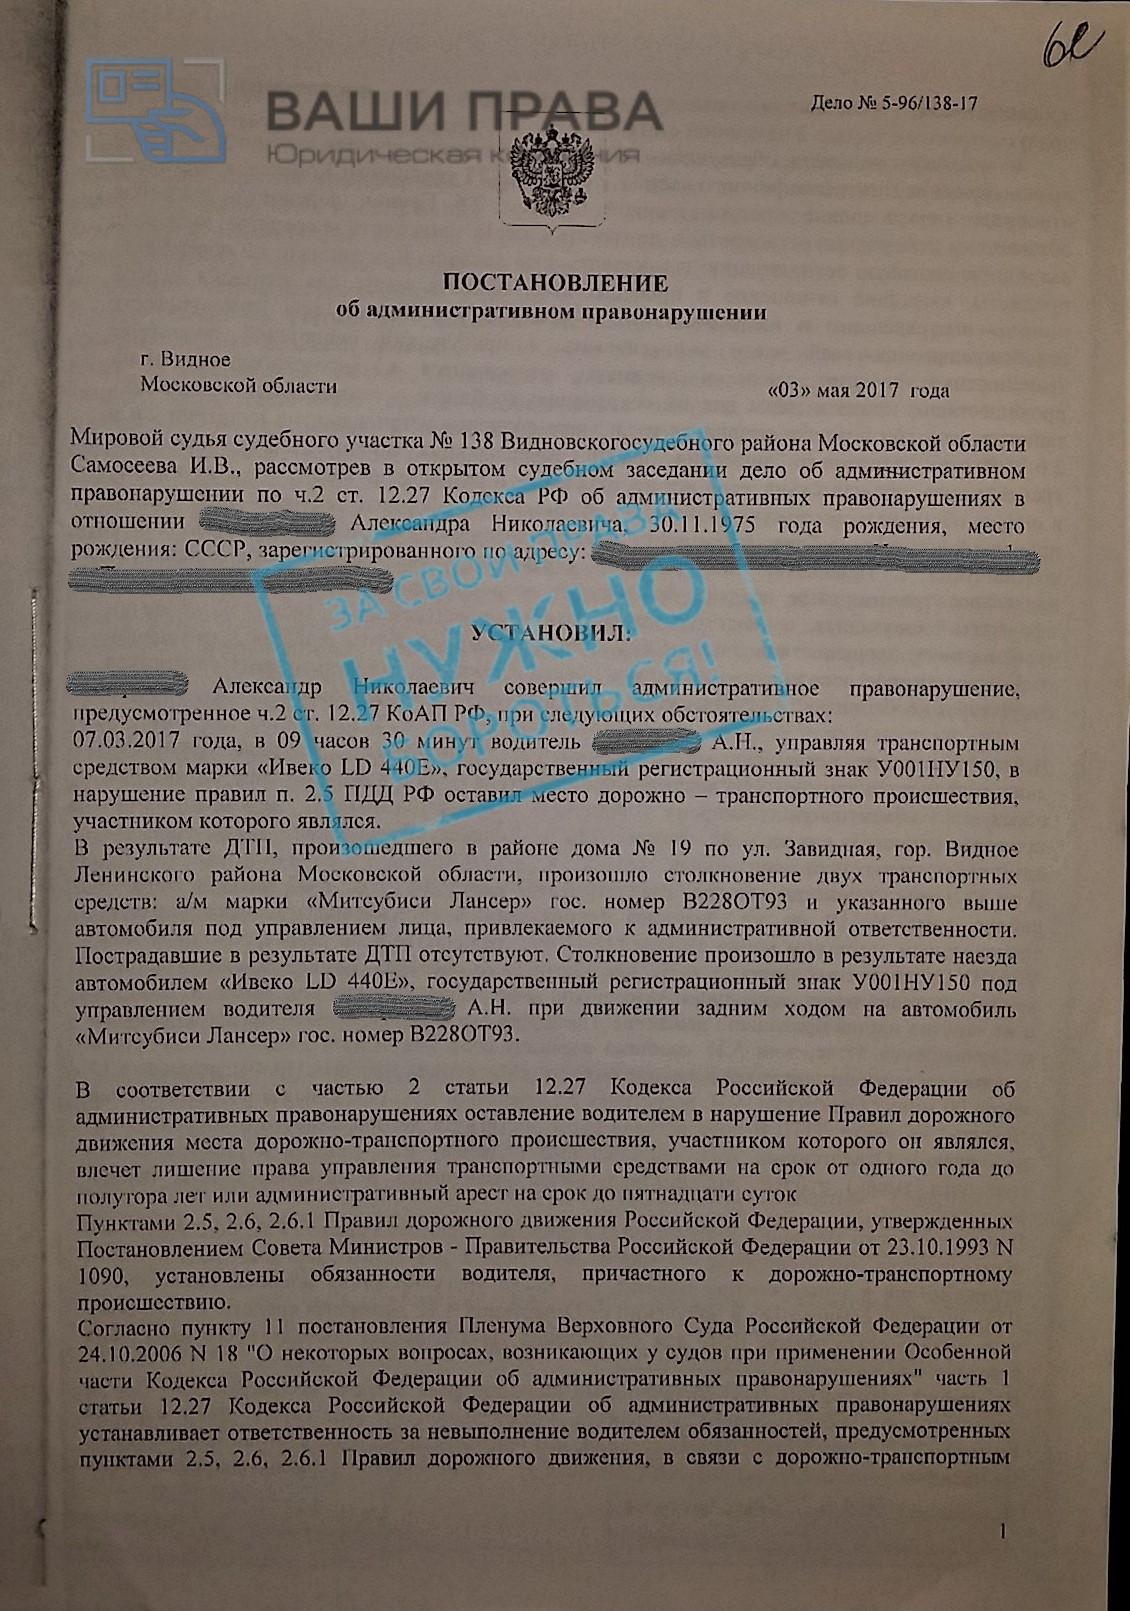 Оставление места ДТП (ст. 12.27 ч.2 КоАП) дело прекращено, возврат прав (л. 1)